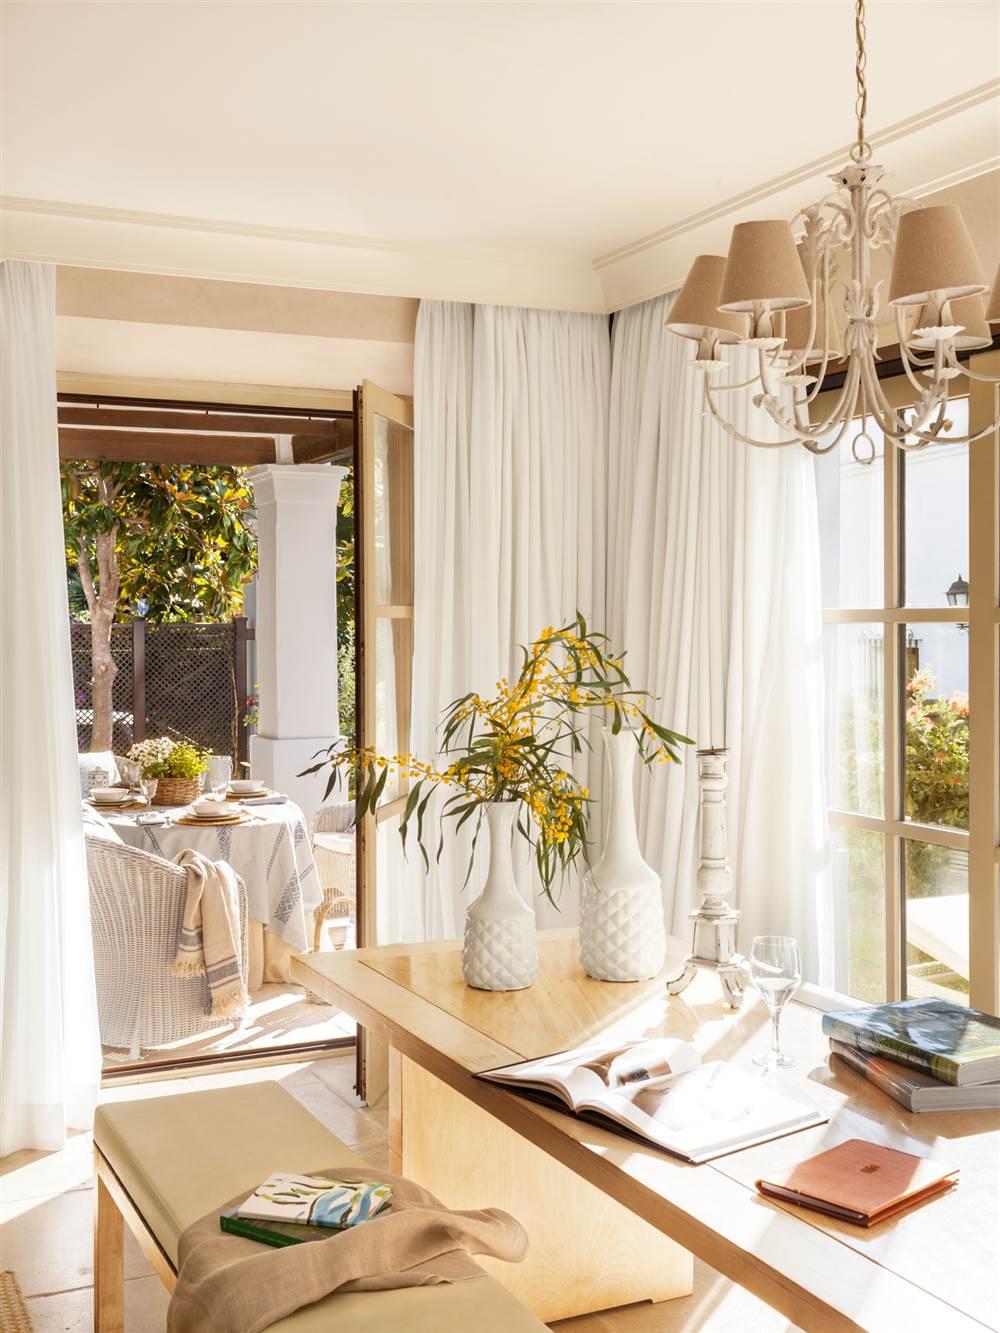 Cortinas para quitar el sol free cortinas de bambu para for Cortinas para el sol